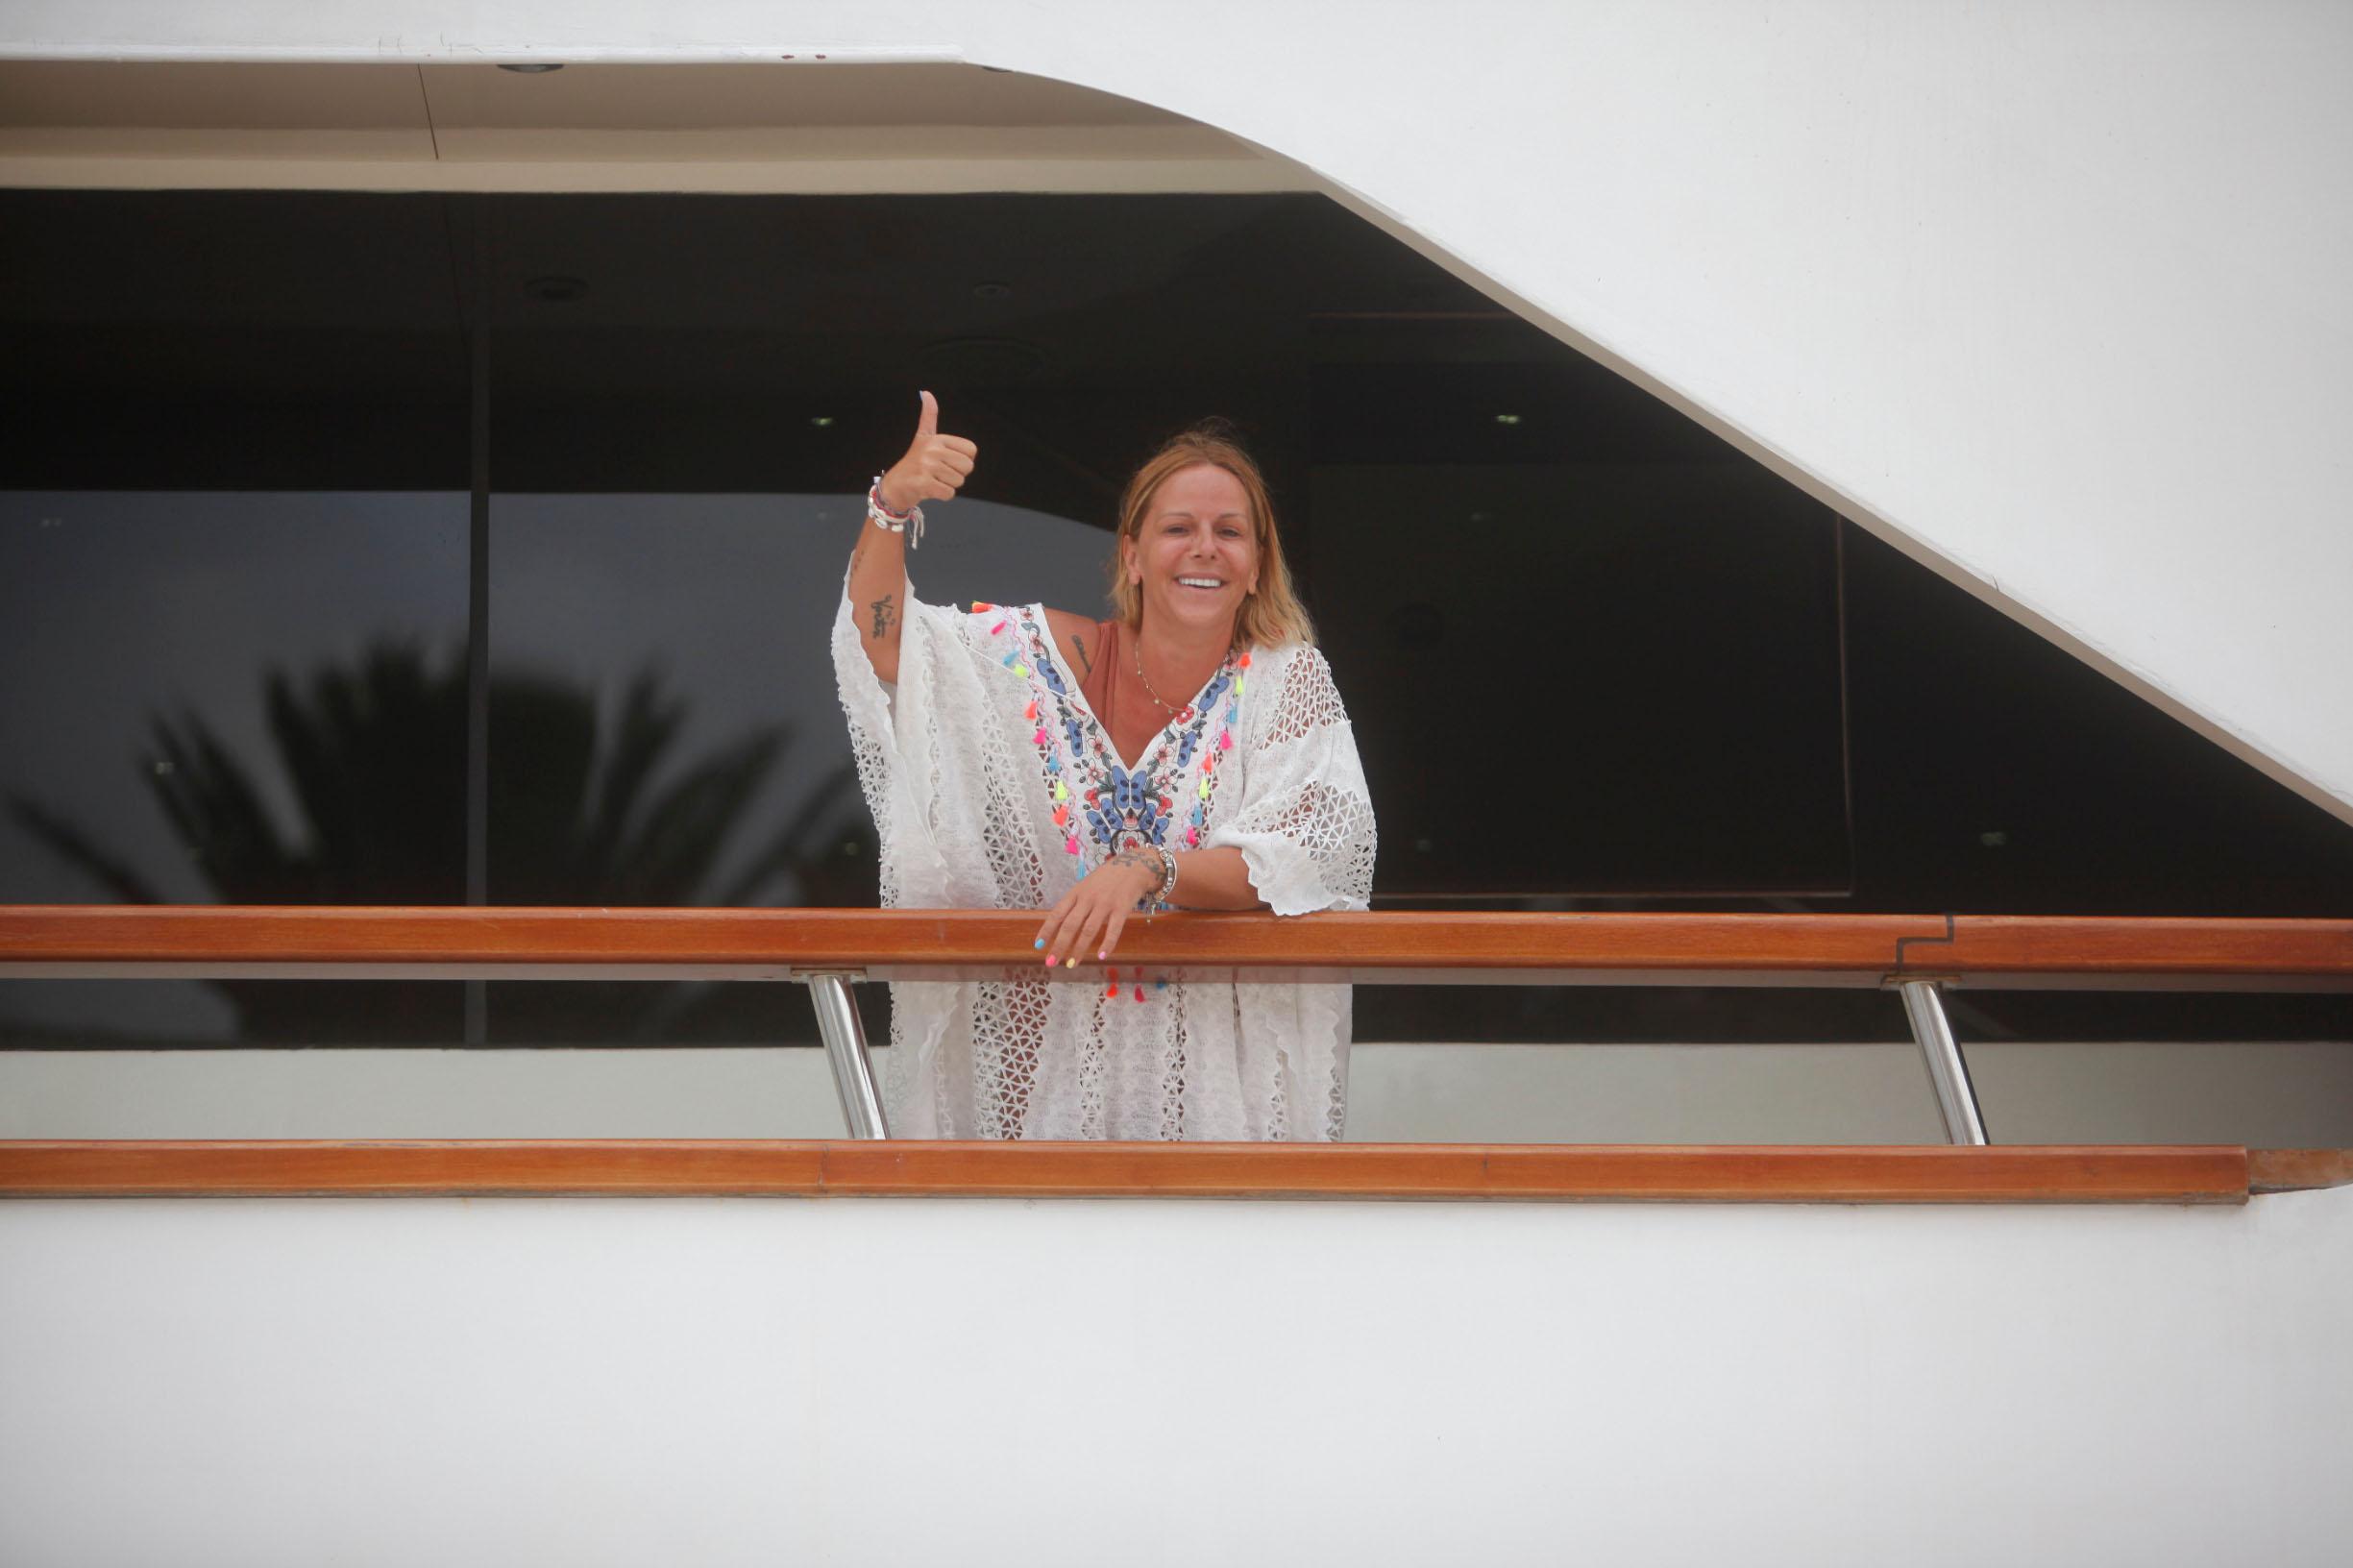 Fotografija je nastala na prošlogodišnjem Vortex Cruiseu